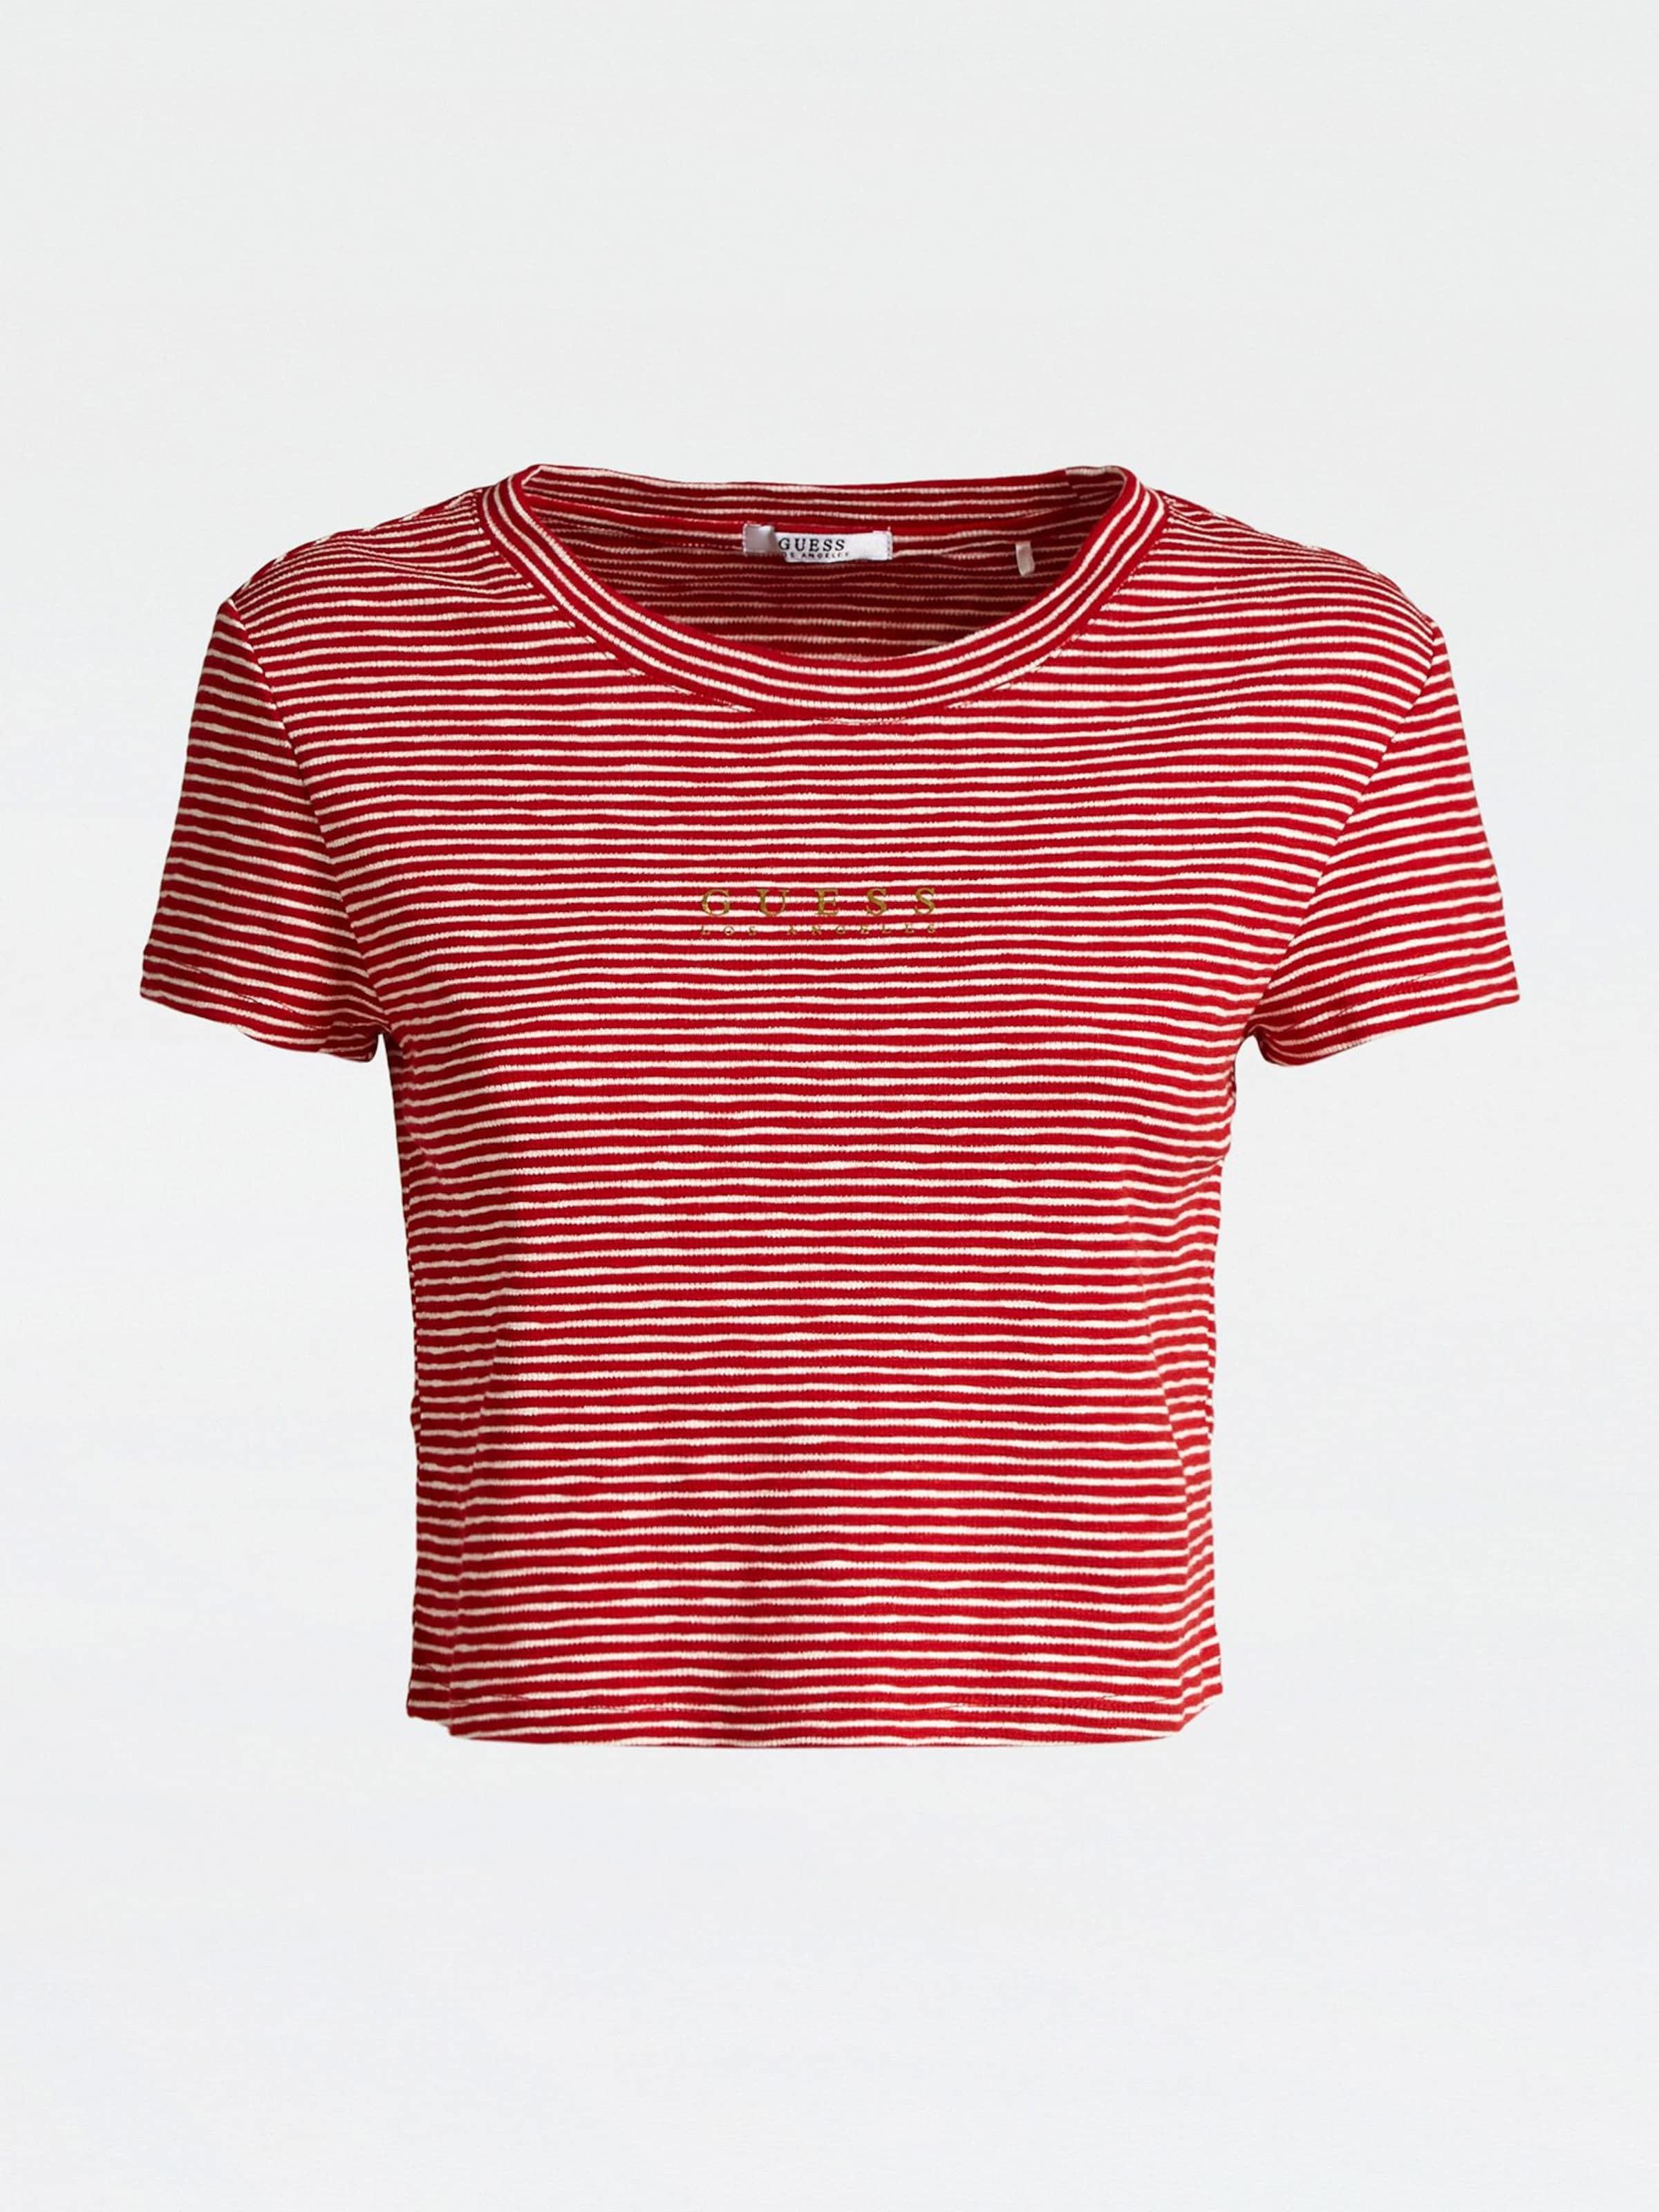 Guess In shirt RotWeiß T vwN8n0m